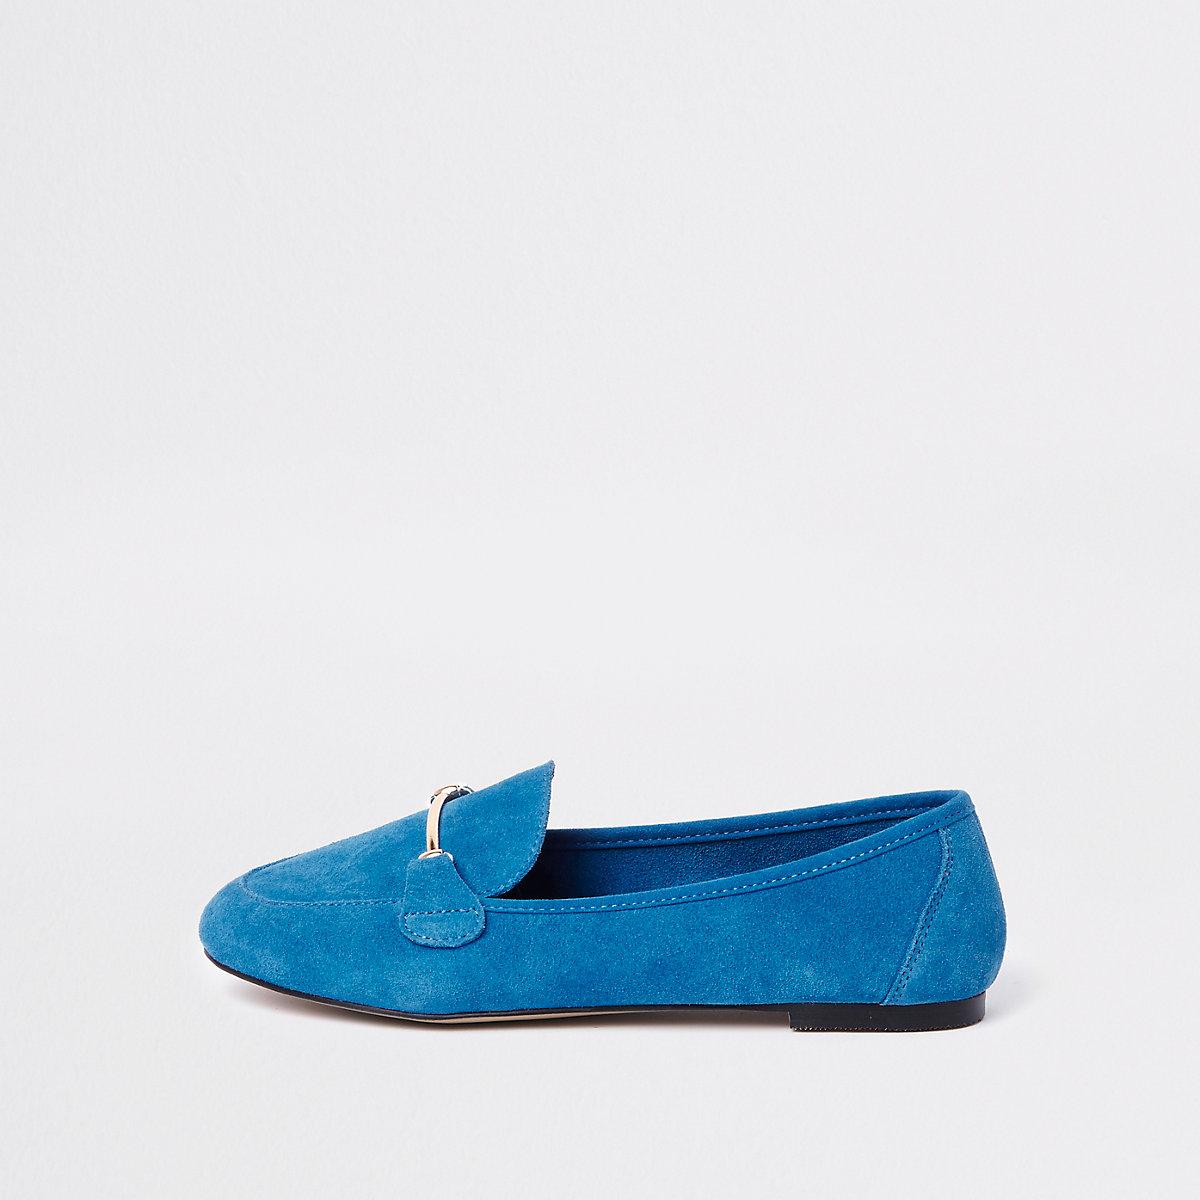 Blaue Loafer aus Wildleder, weite Passform